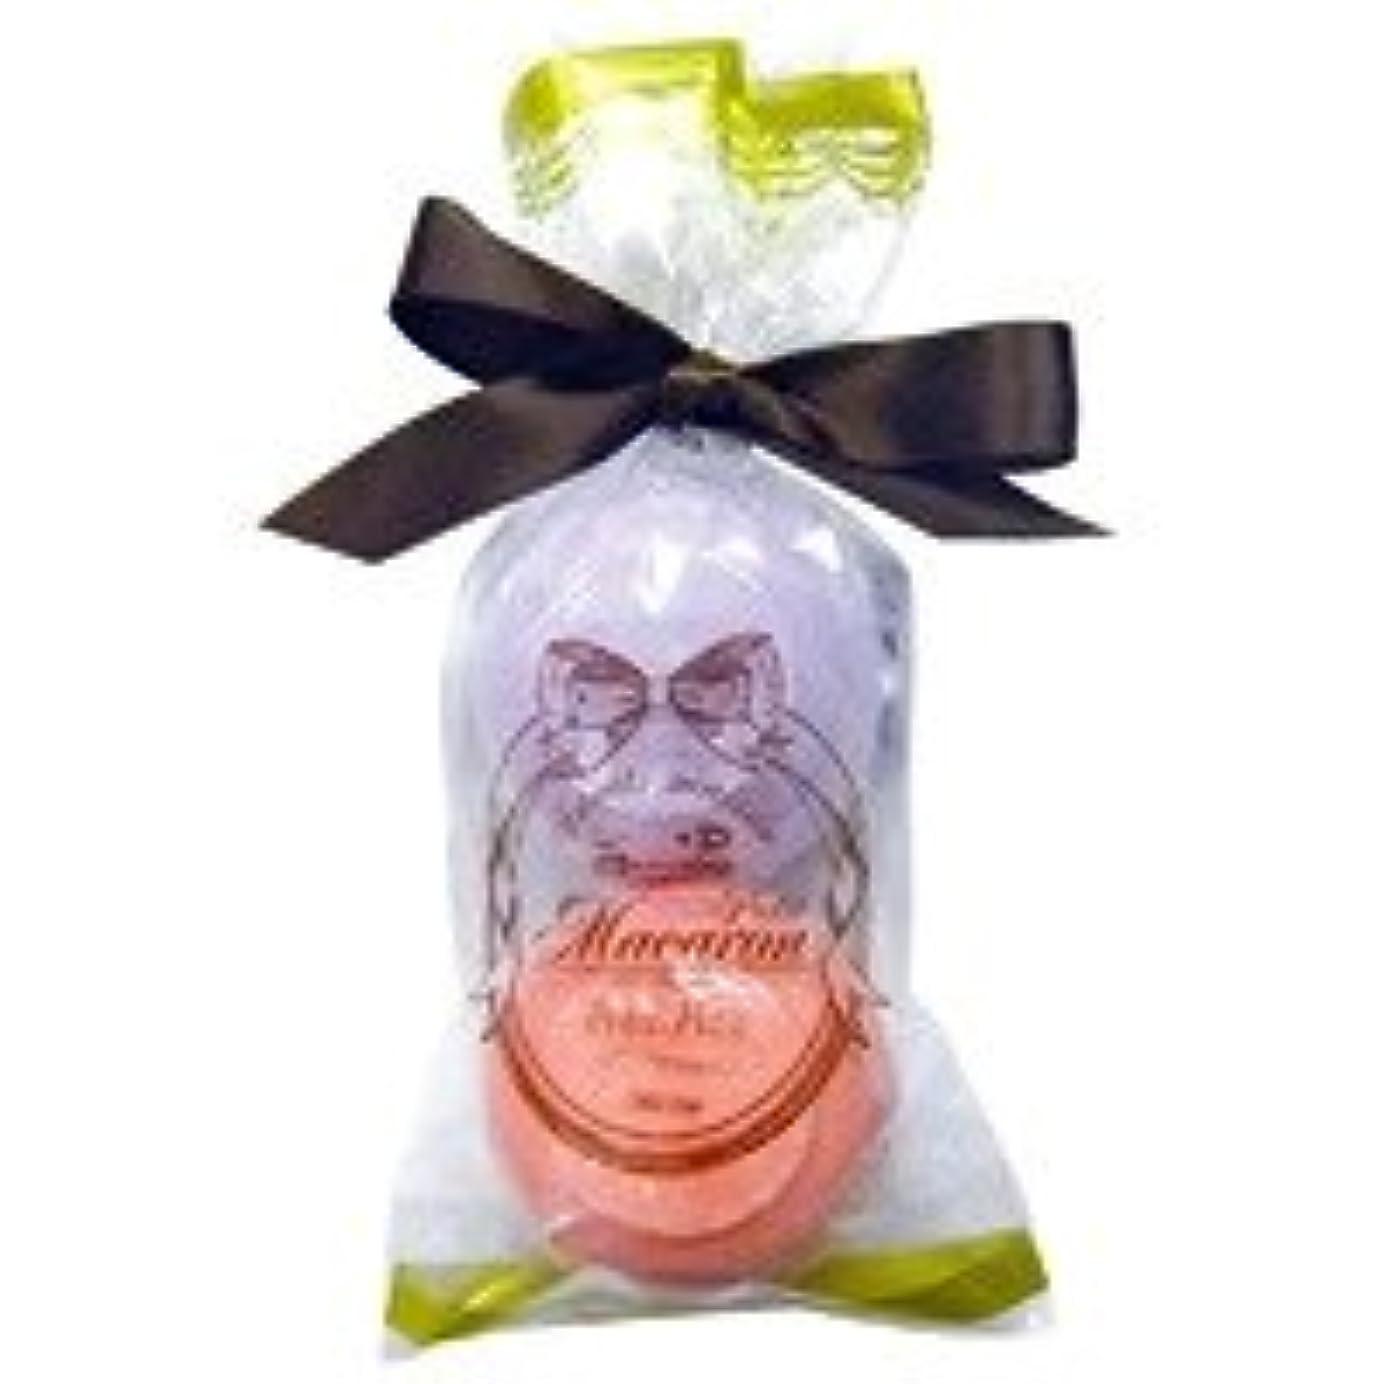 熱狂的なベルト請求書スウィーツメゾン プチマカロンミニセット「パープル&ダークピンク」6個セット フルーティーなザクロの香り&華やかなローズの香り